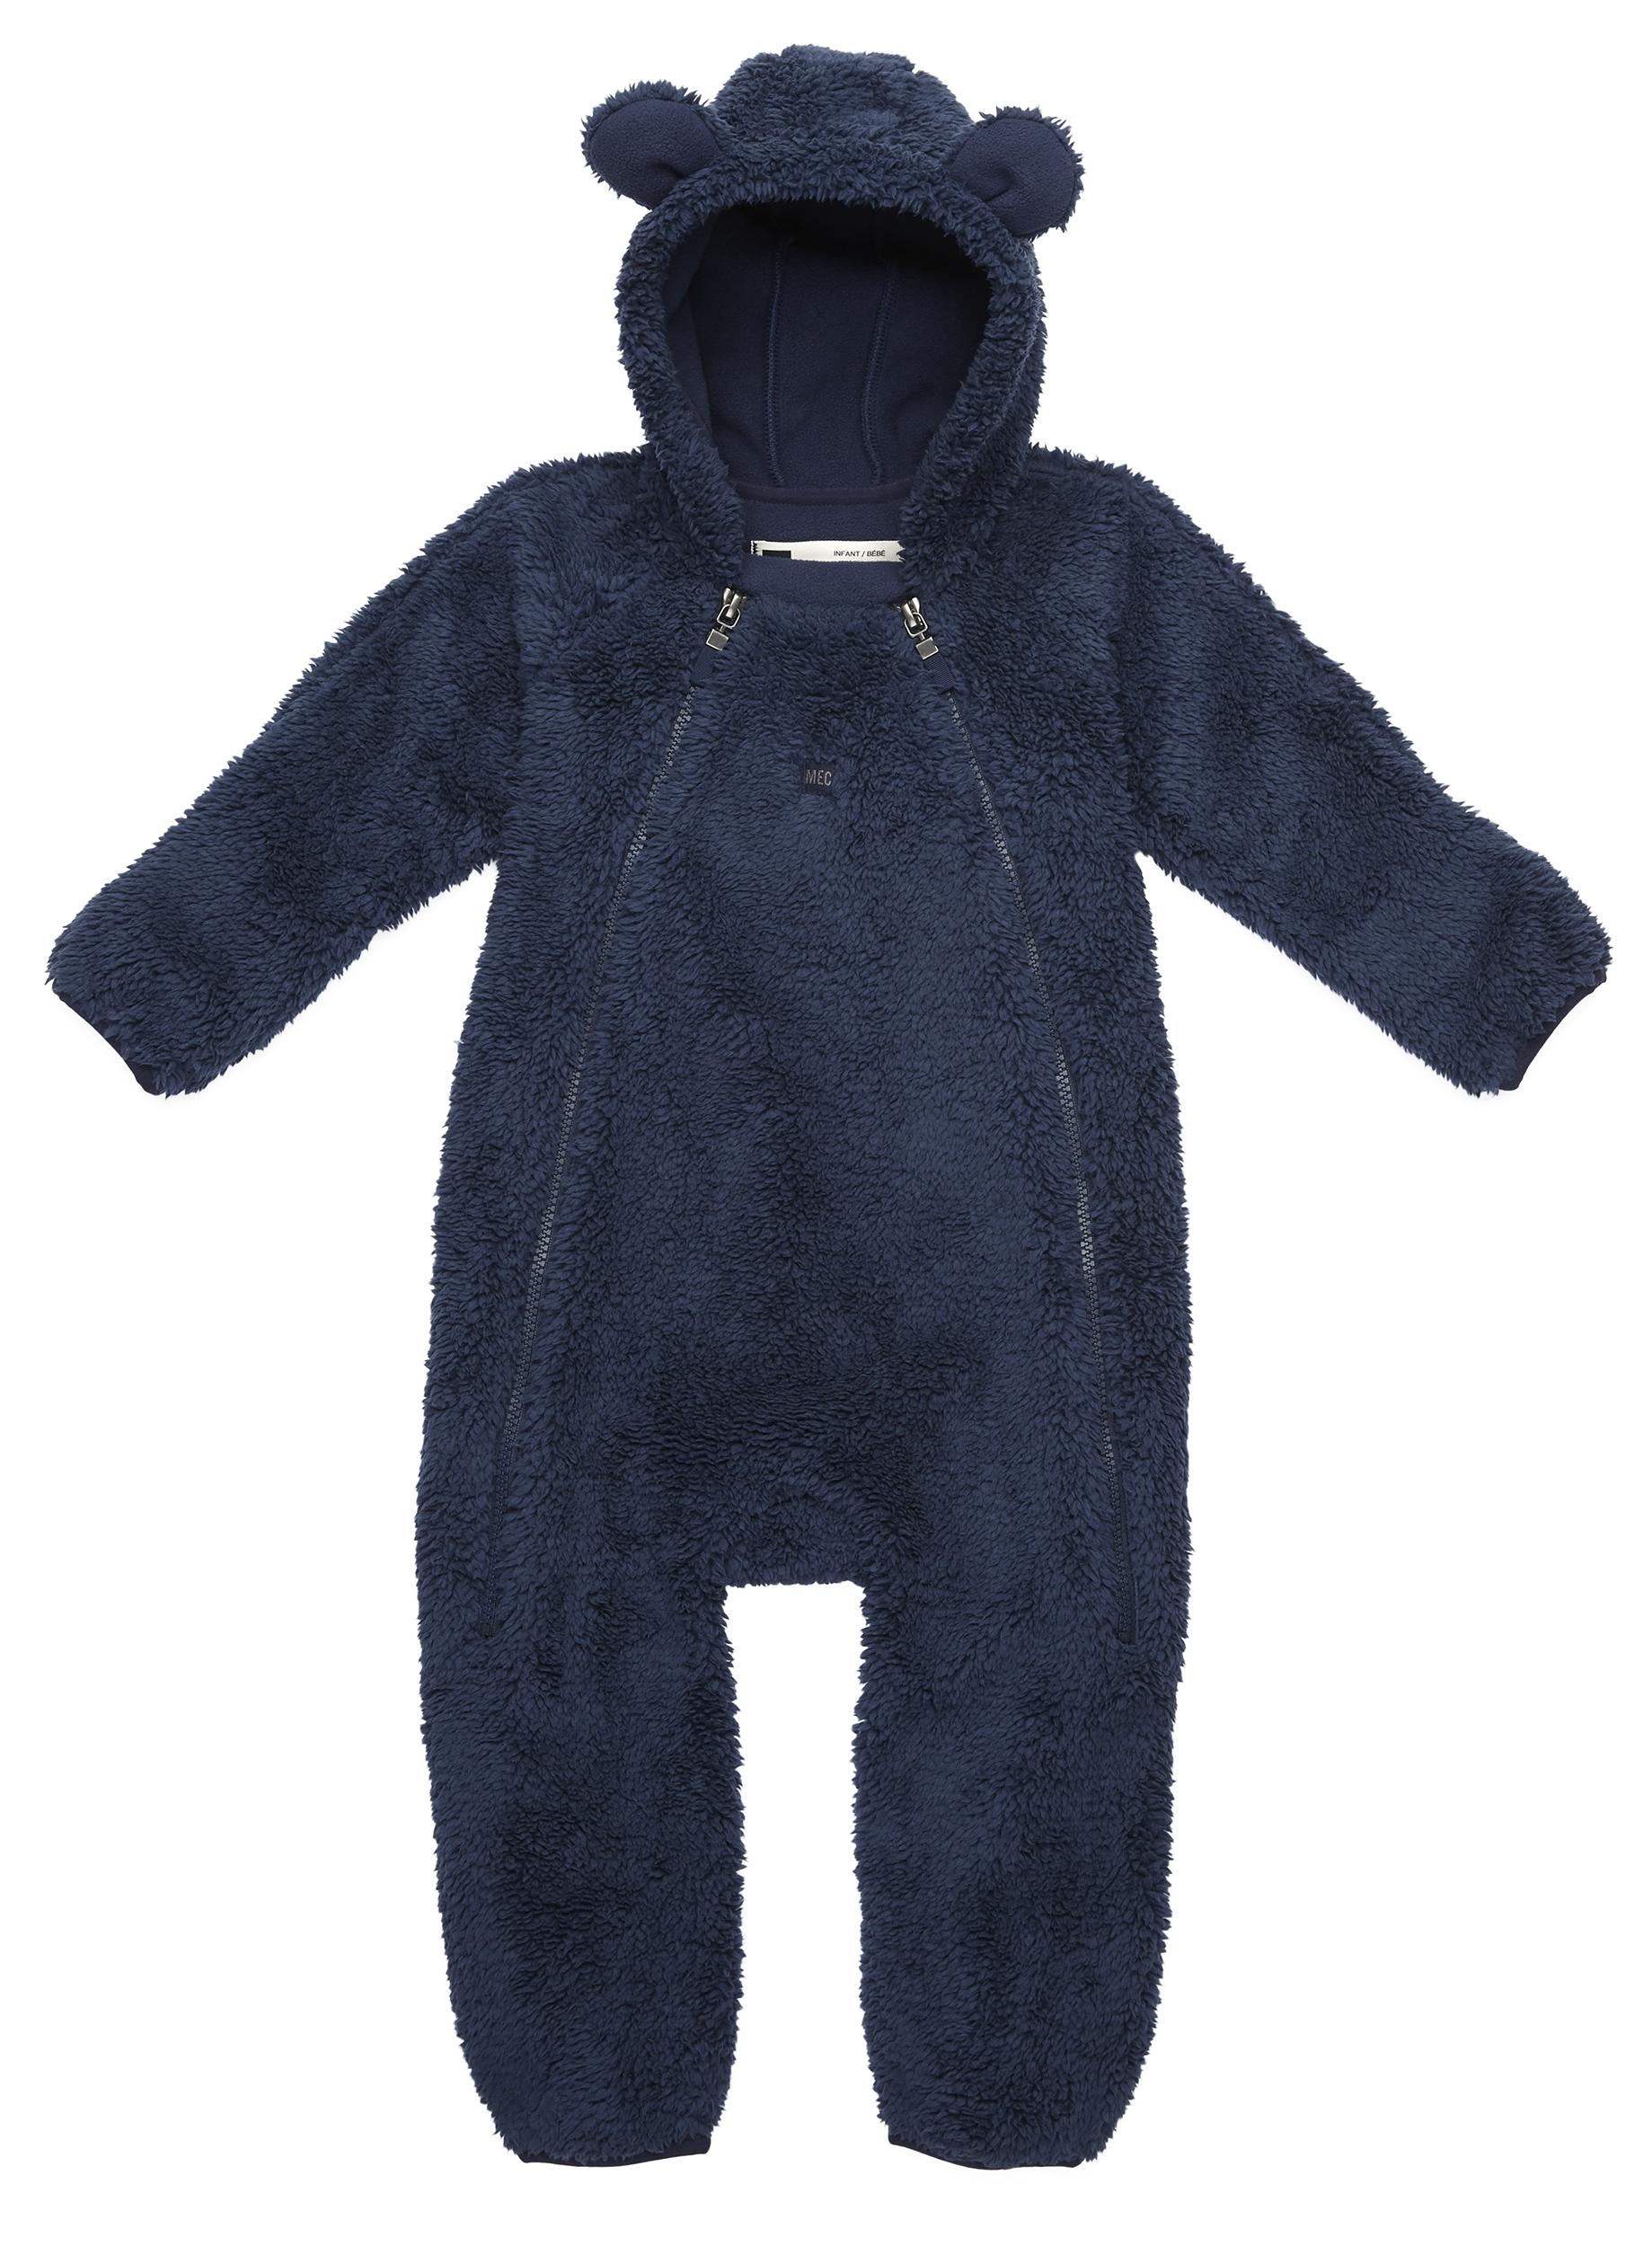 fd02f0d65 MEC Juniper Bunting Suit - Infants